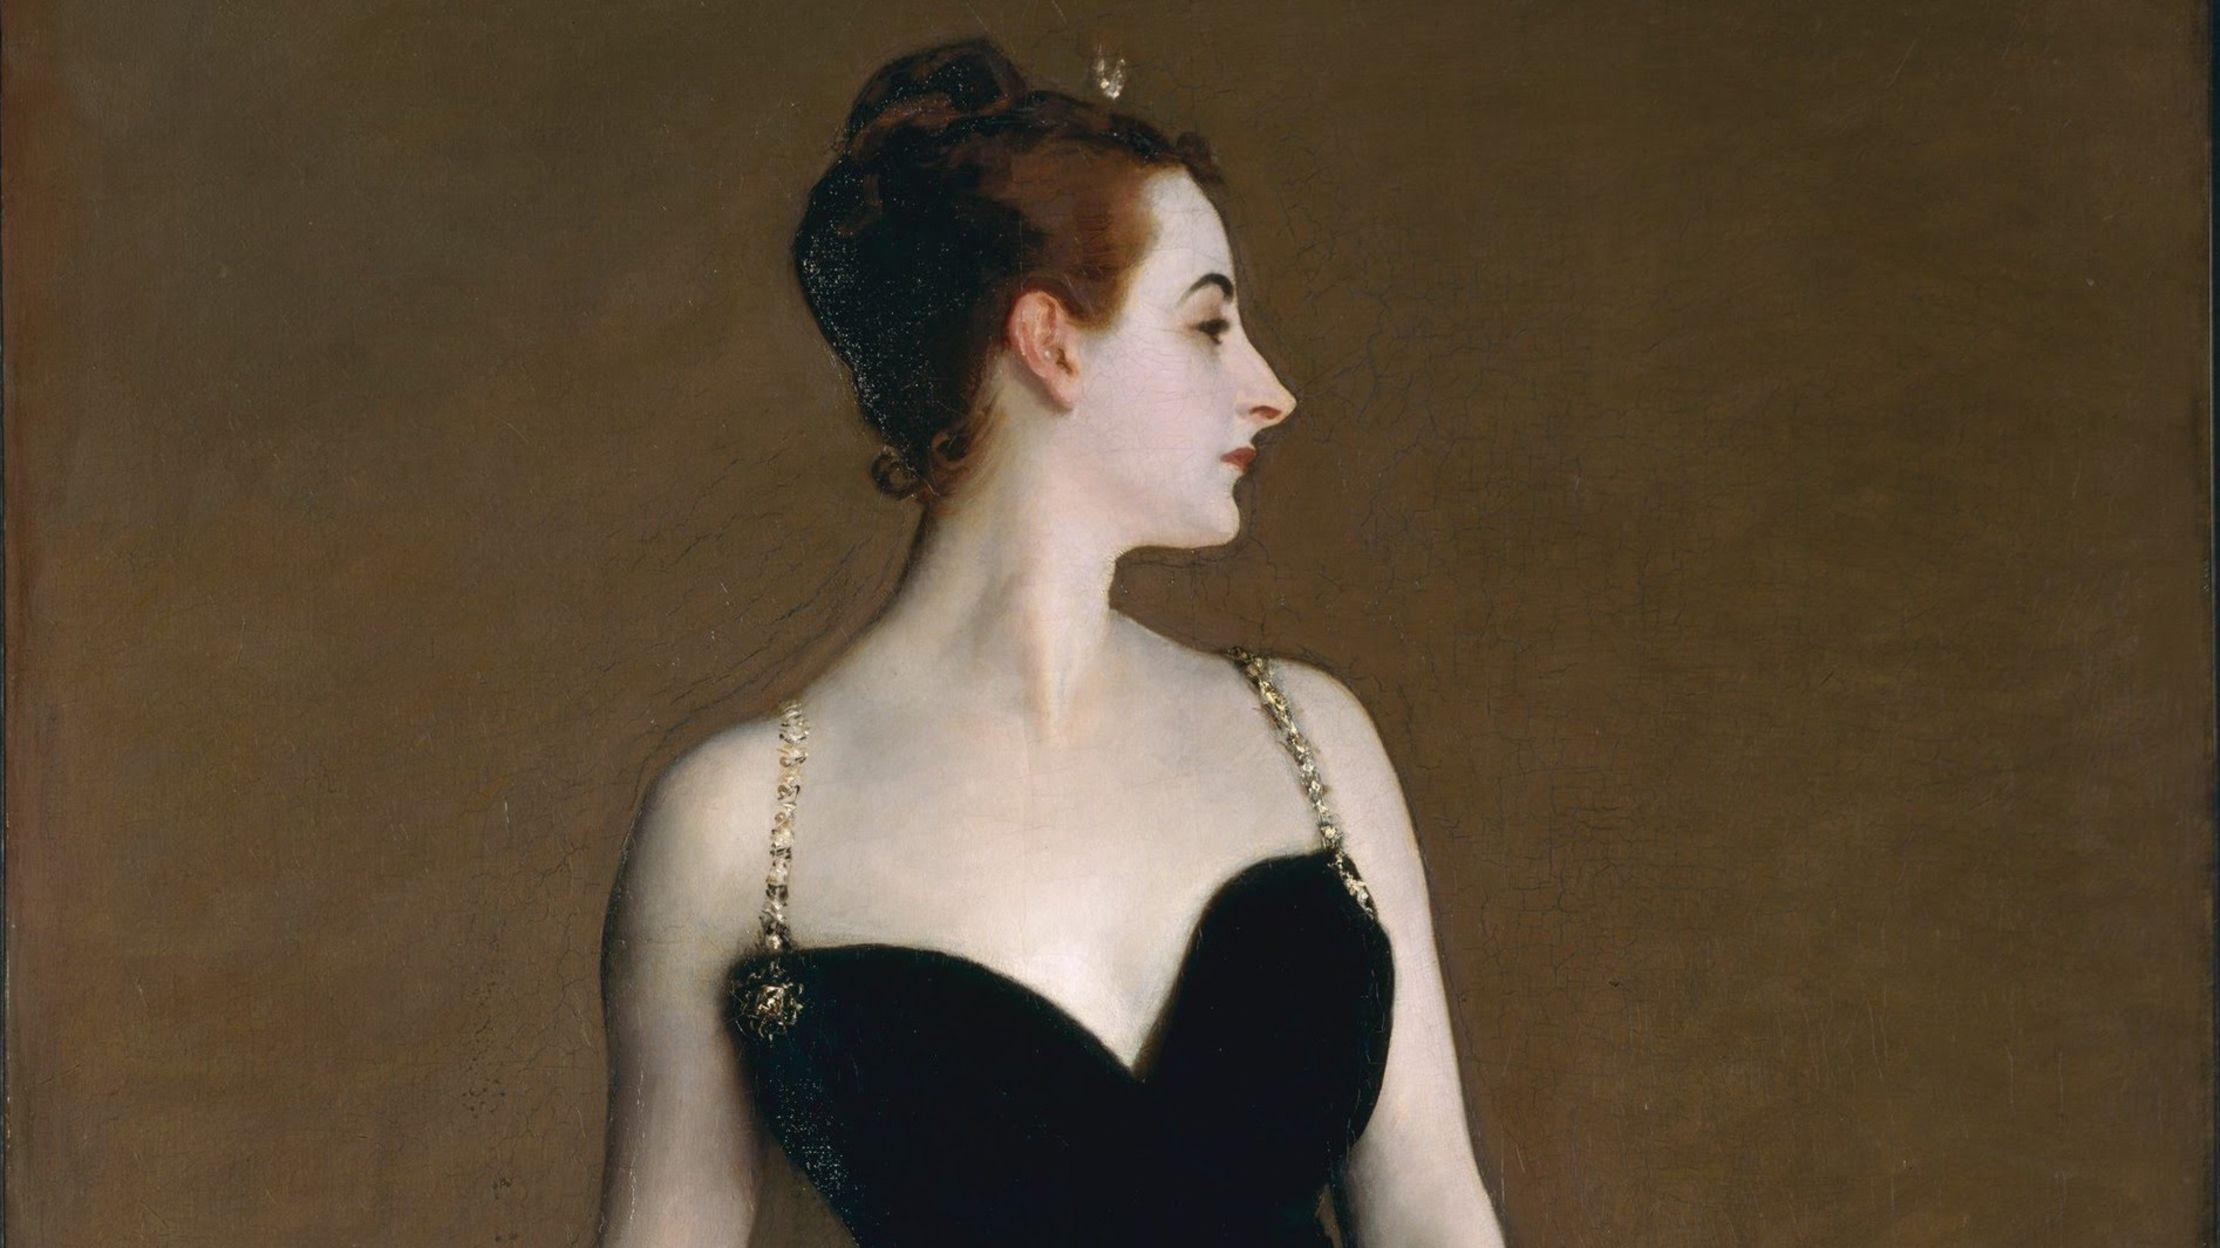 15 Salacious Facts About John Singer Sargent's <em>Portrait of Madame X</em>